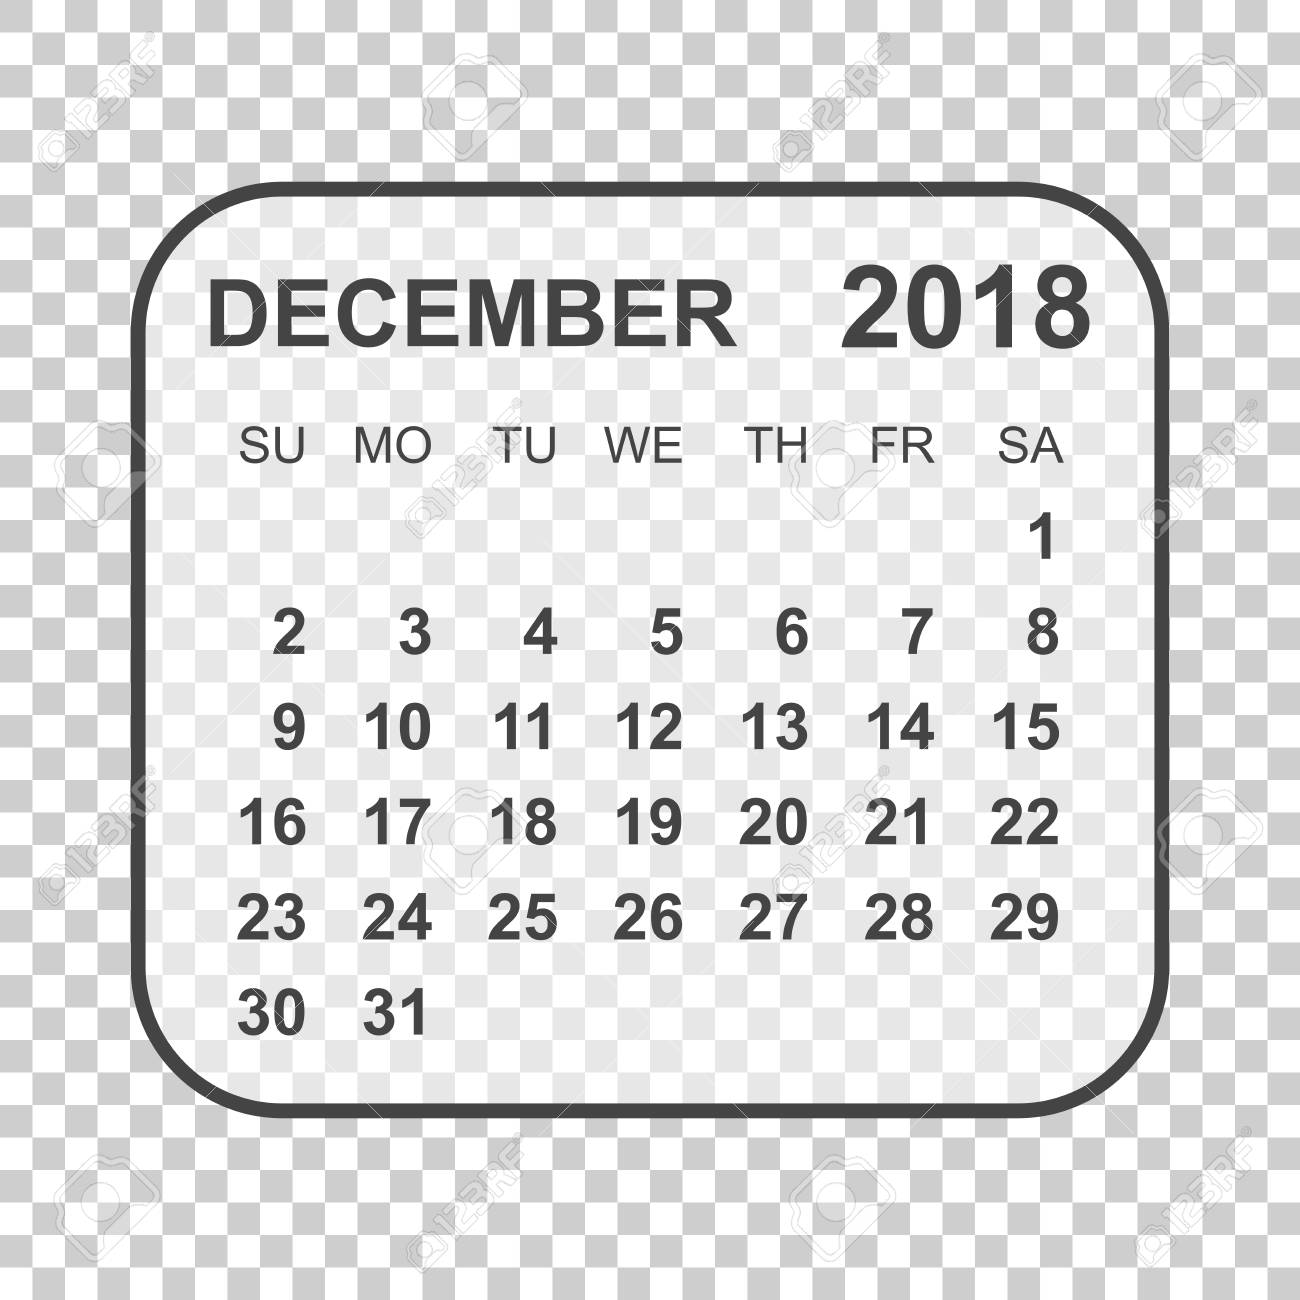 december 2018 calendar calendar planner design template week